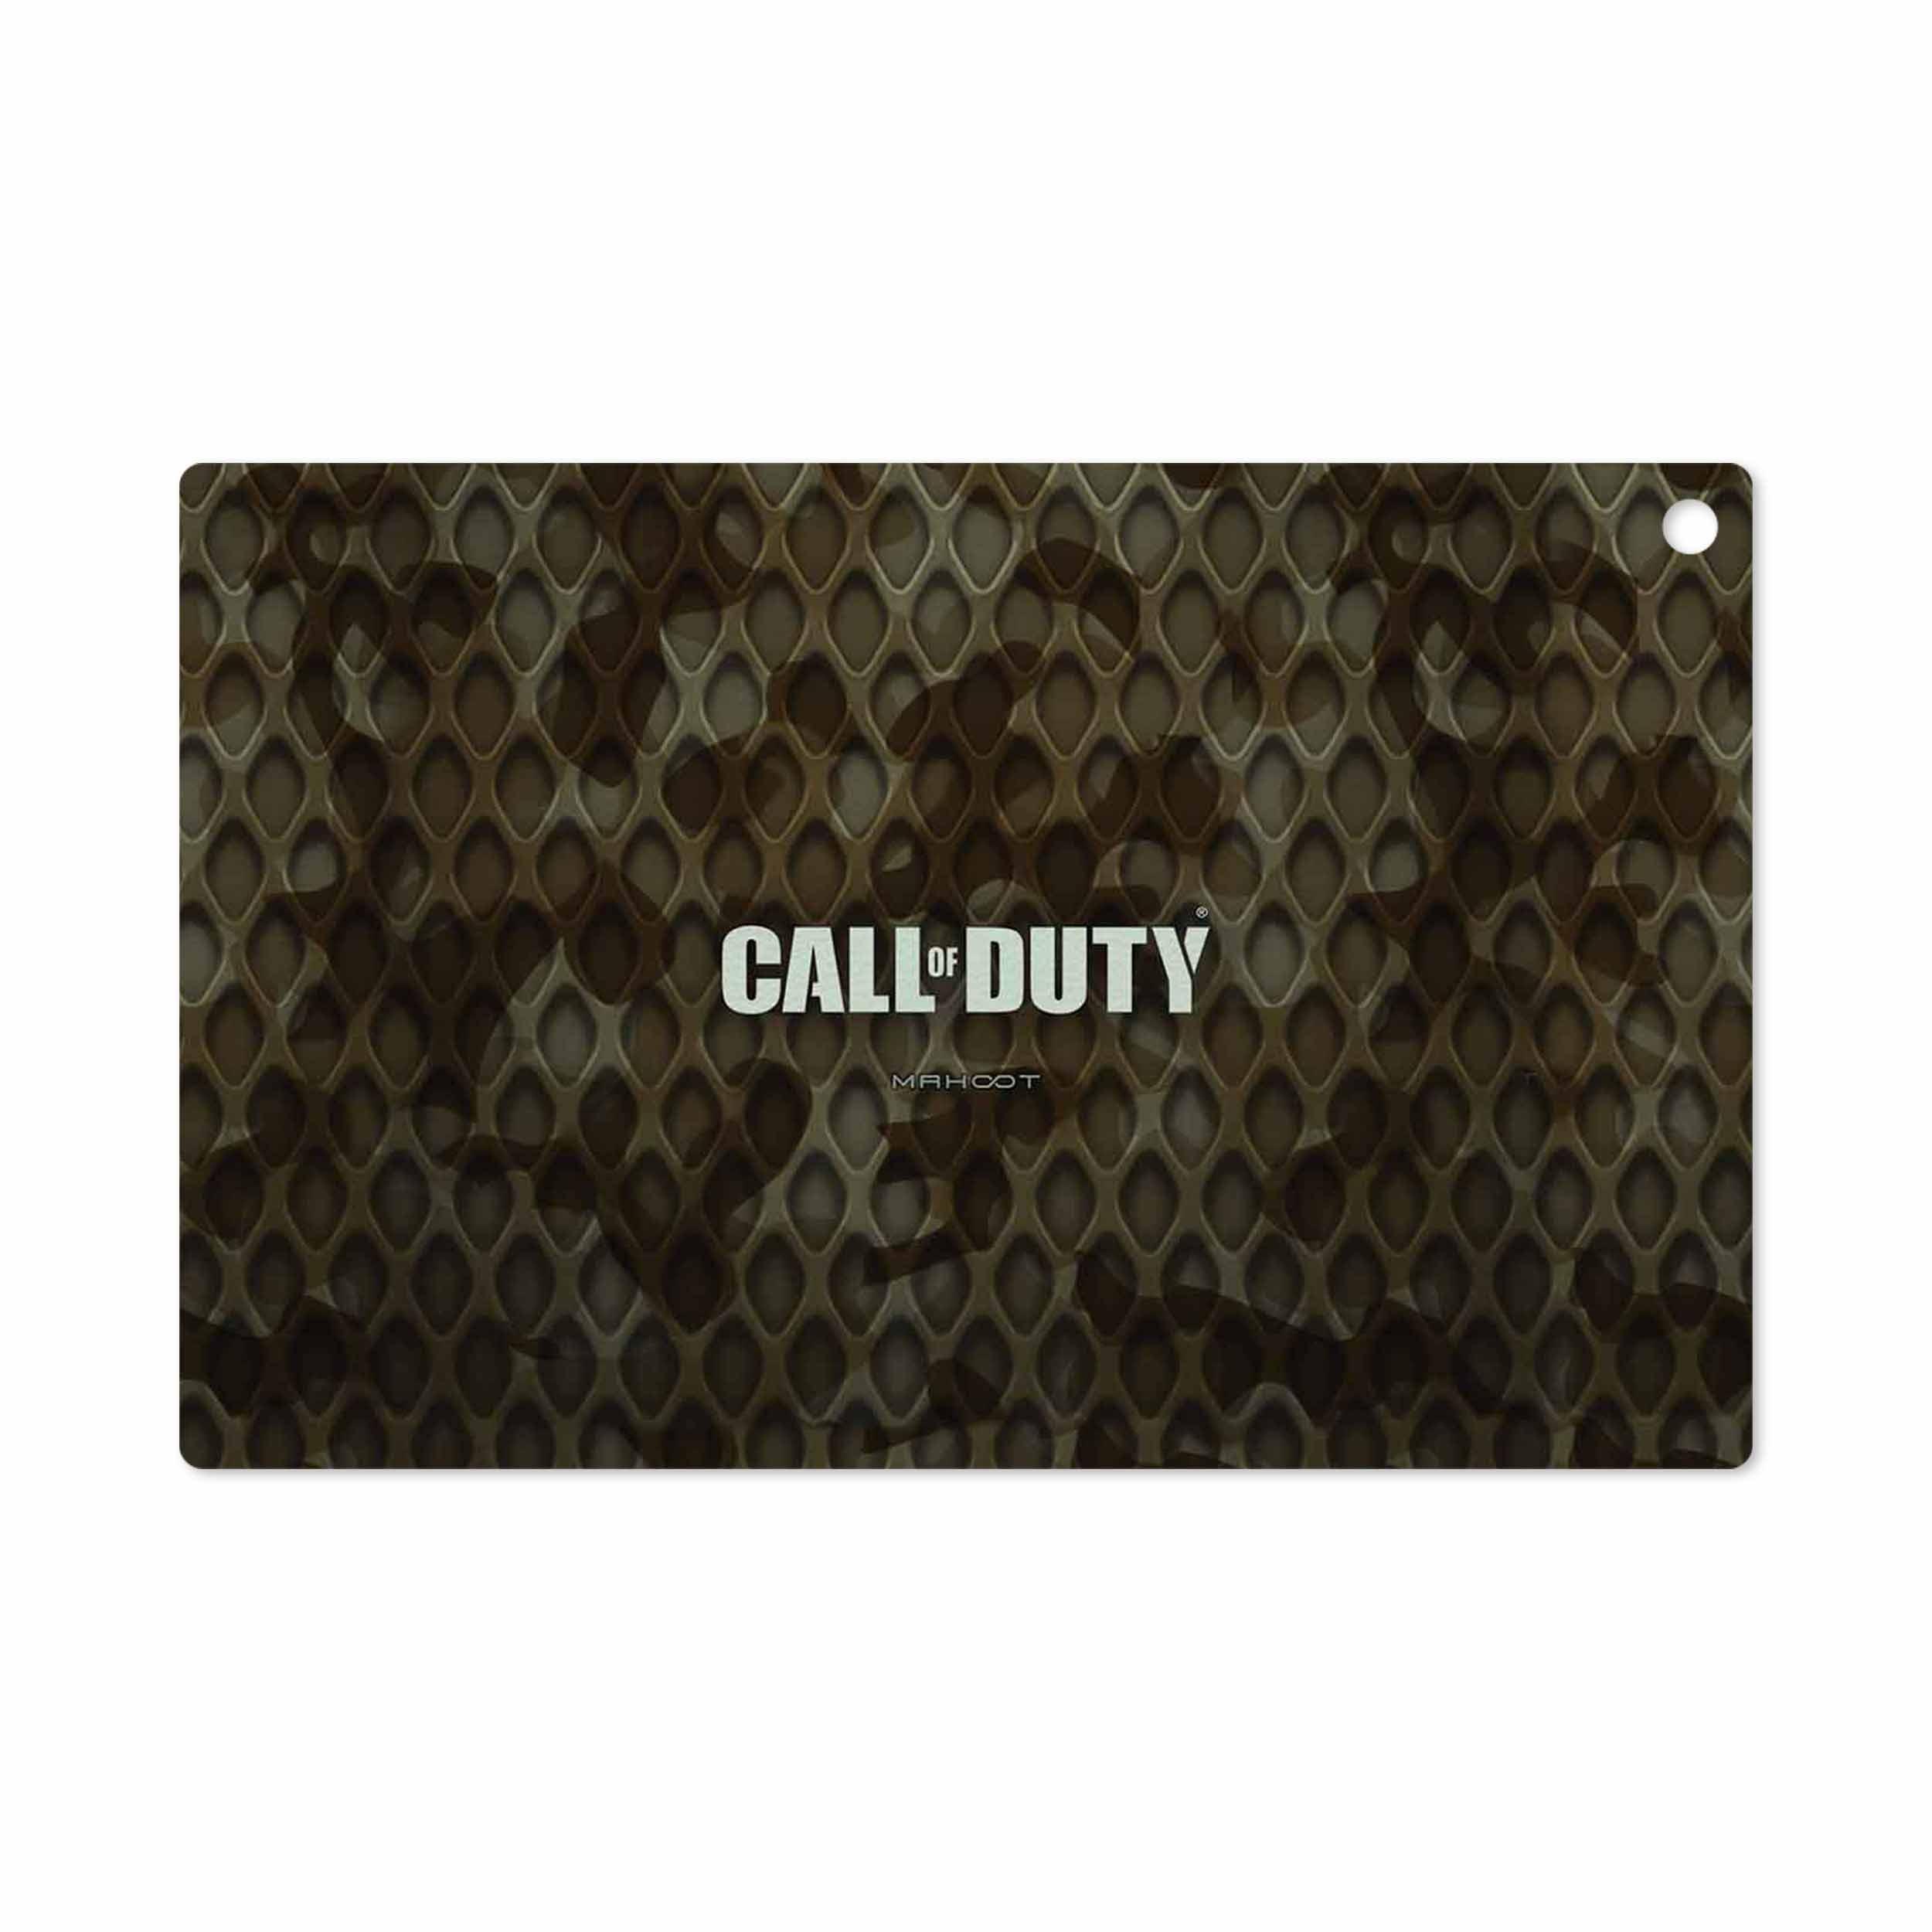 بررسی و خرید [با تخفیف]                                     برچسب پوششی ماهوت مدل Call-of-Duty-Game مناسب برای تبلت سونی Xperia Z2 Tablet LTE 2014                             اورجینال